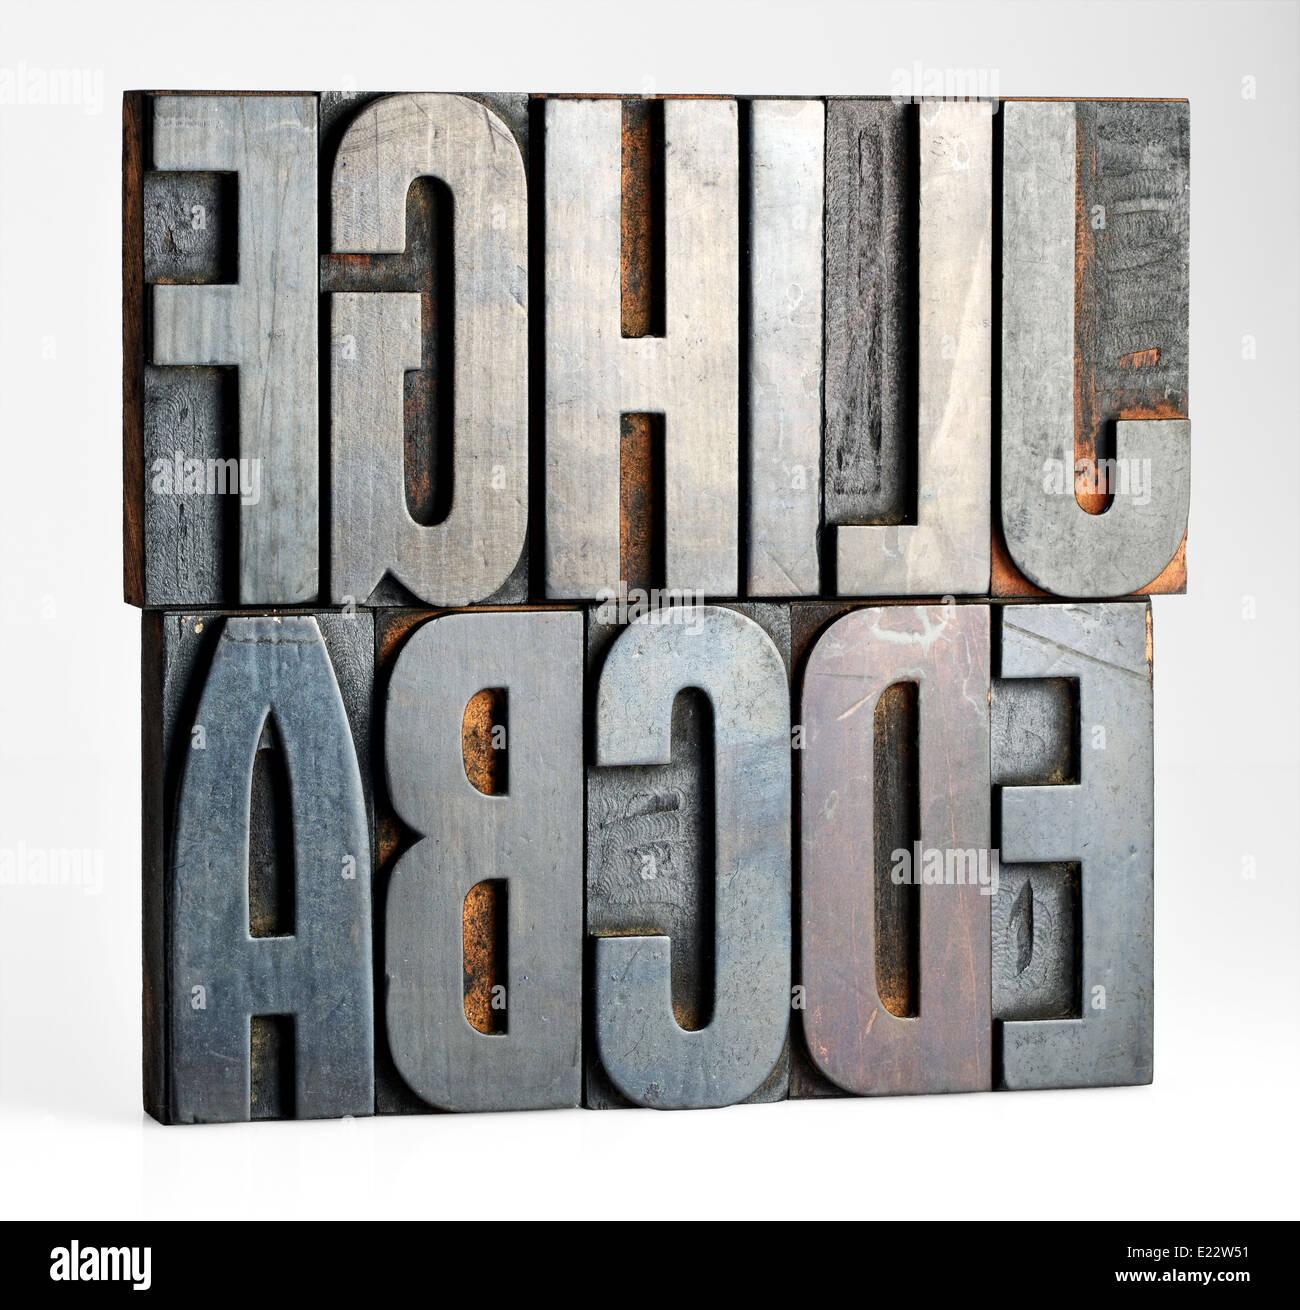 Las letras del alfabeto en impresoras antiguas cuadras Imagen De Stock